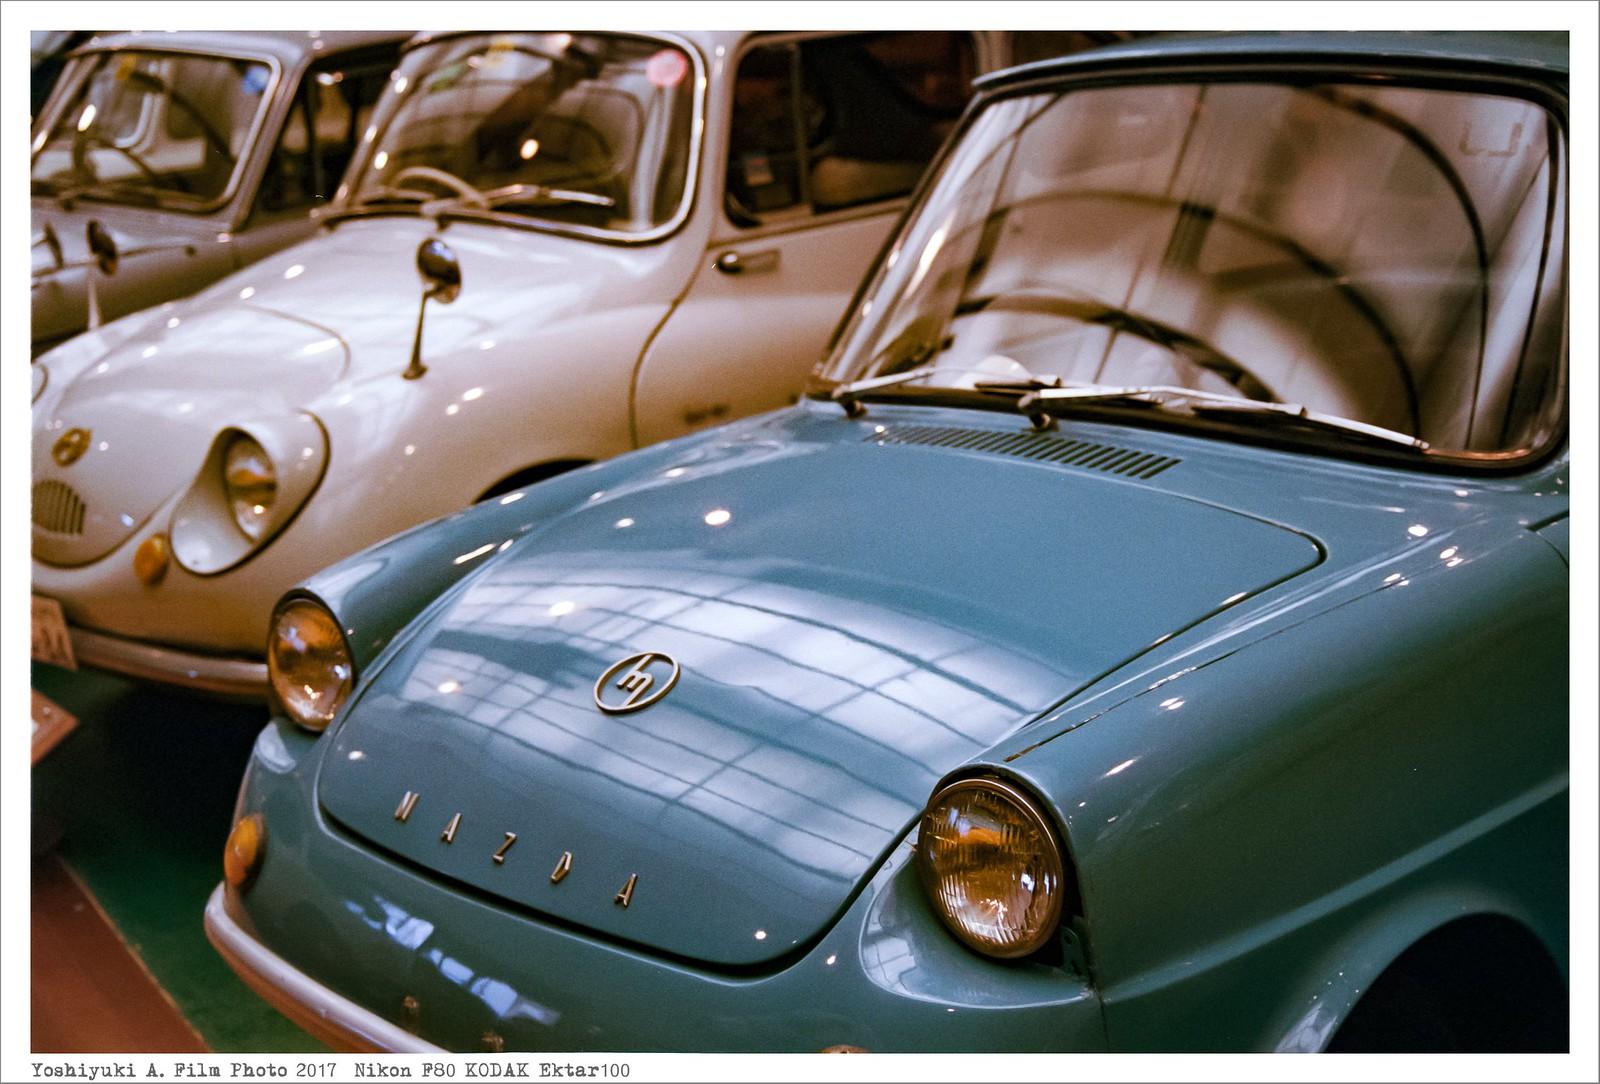 福山自動車時計博物館 福山市 広島 Fukuyama Hiroshima Automotive museum in Fukuyama, Japan